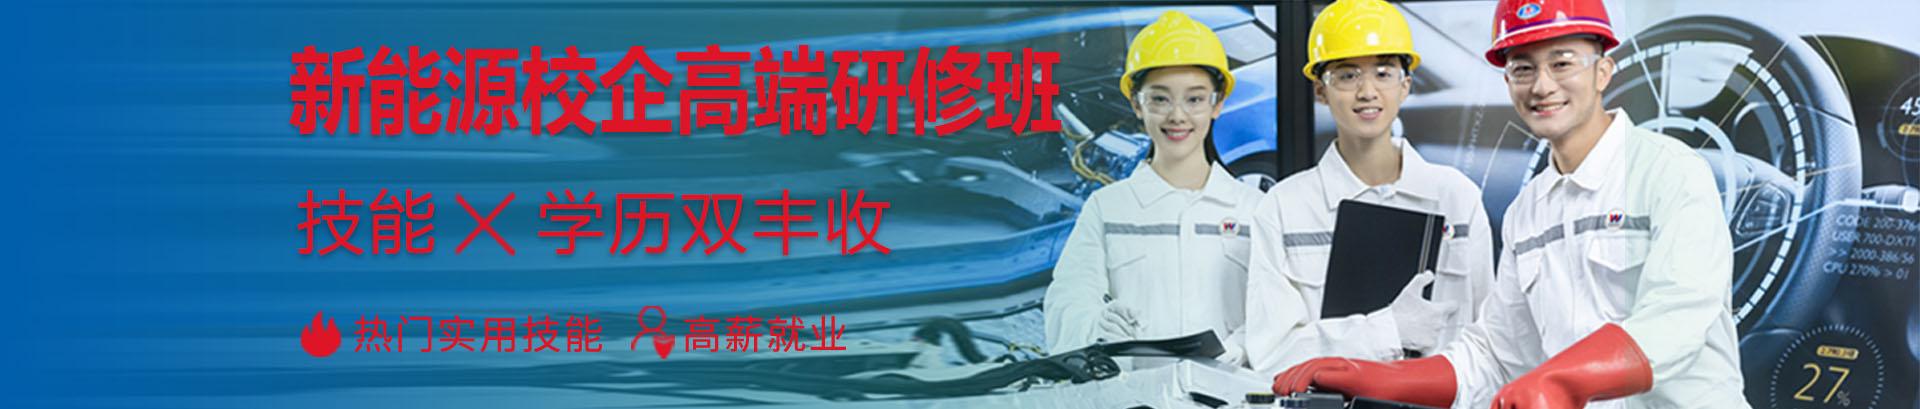 吉利定向班-武汉万通汽修学校